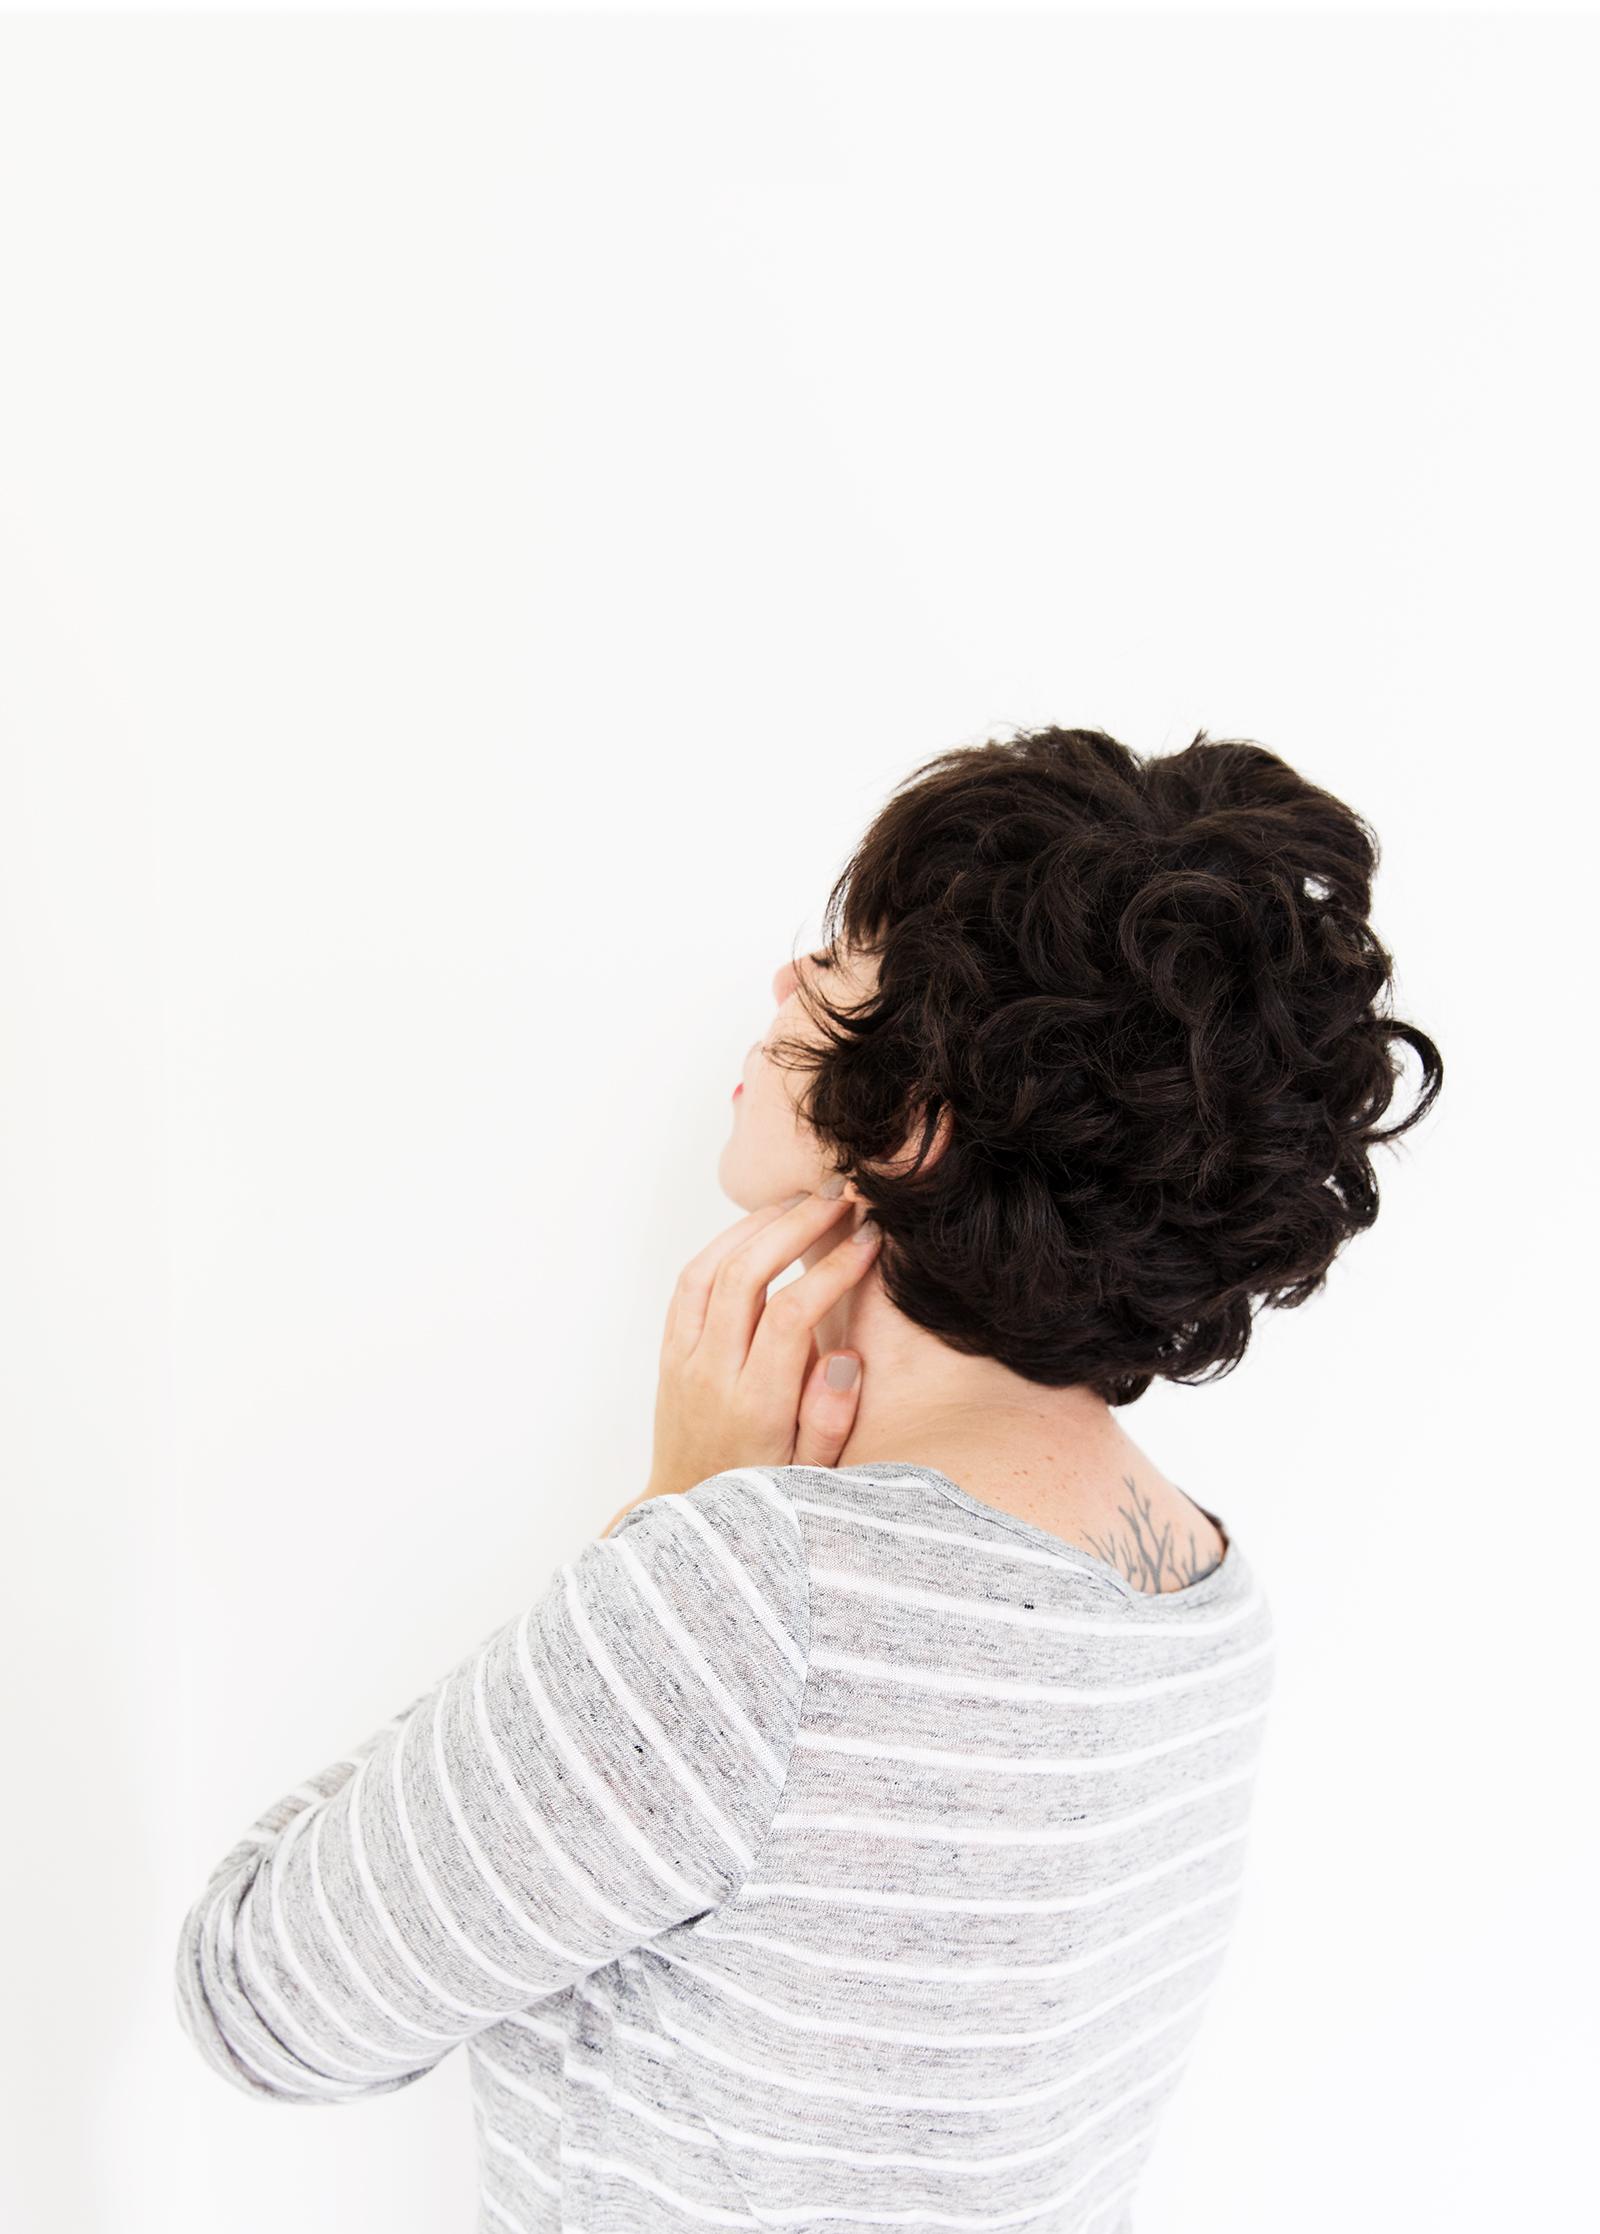 ABHSS_JG_HairCut_0394_02.jpg